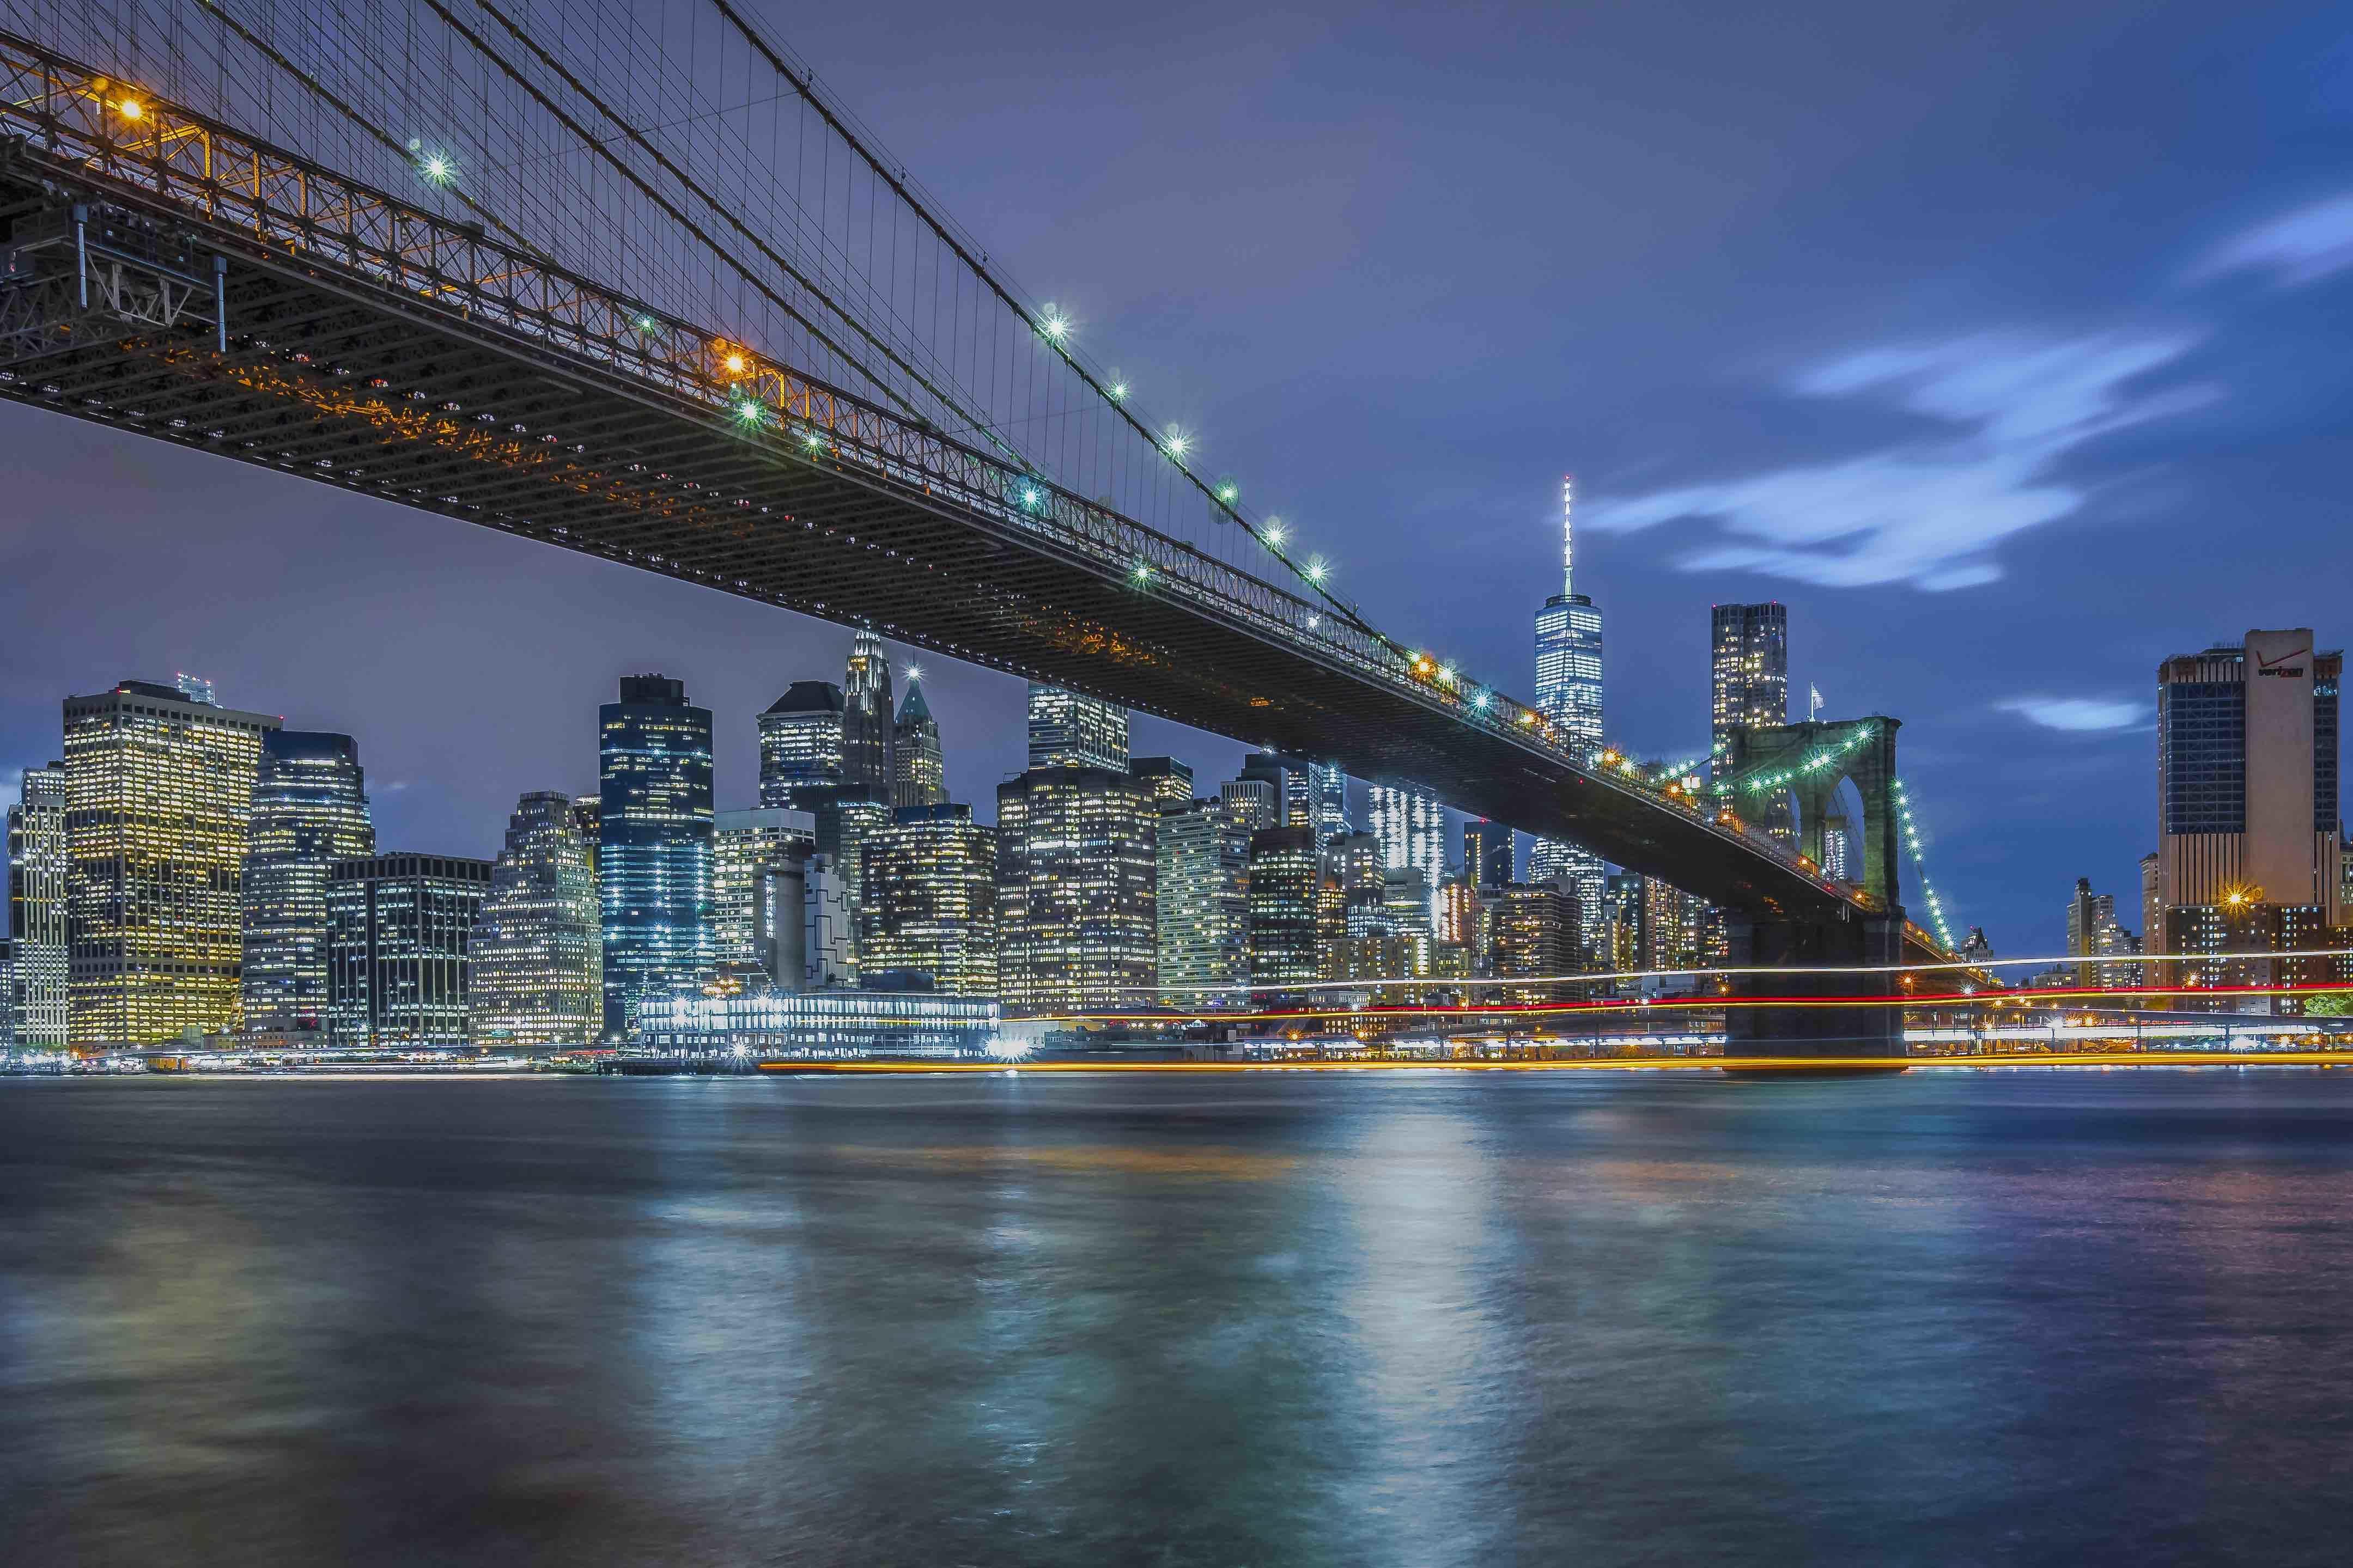 НЬЮ-ЙОРК, Бруклинский мост, город, ночь